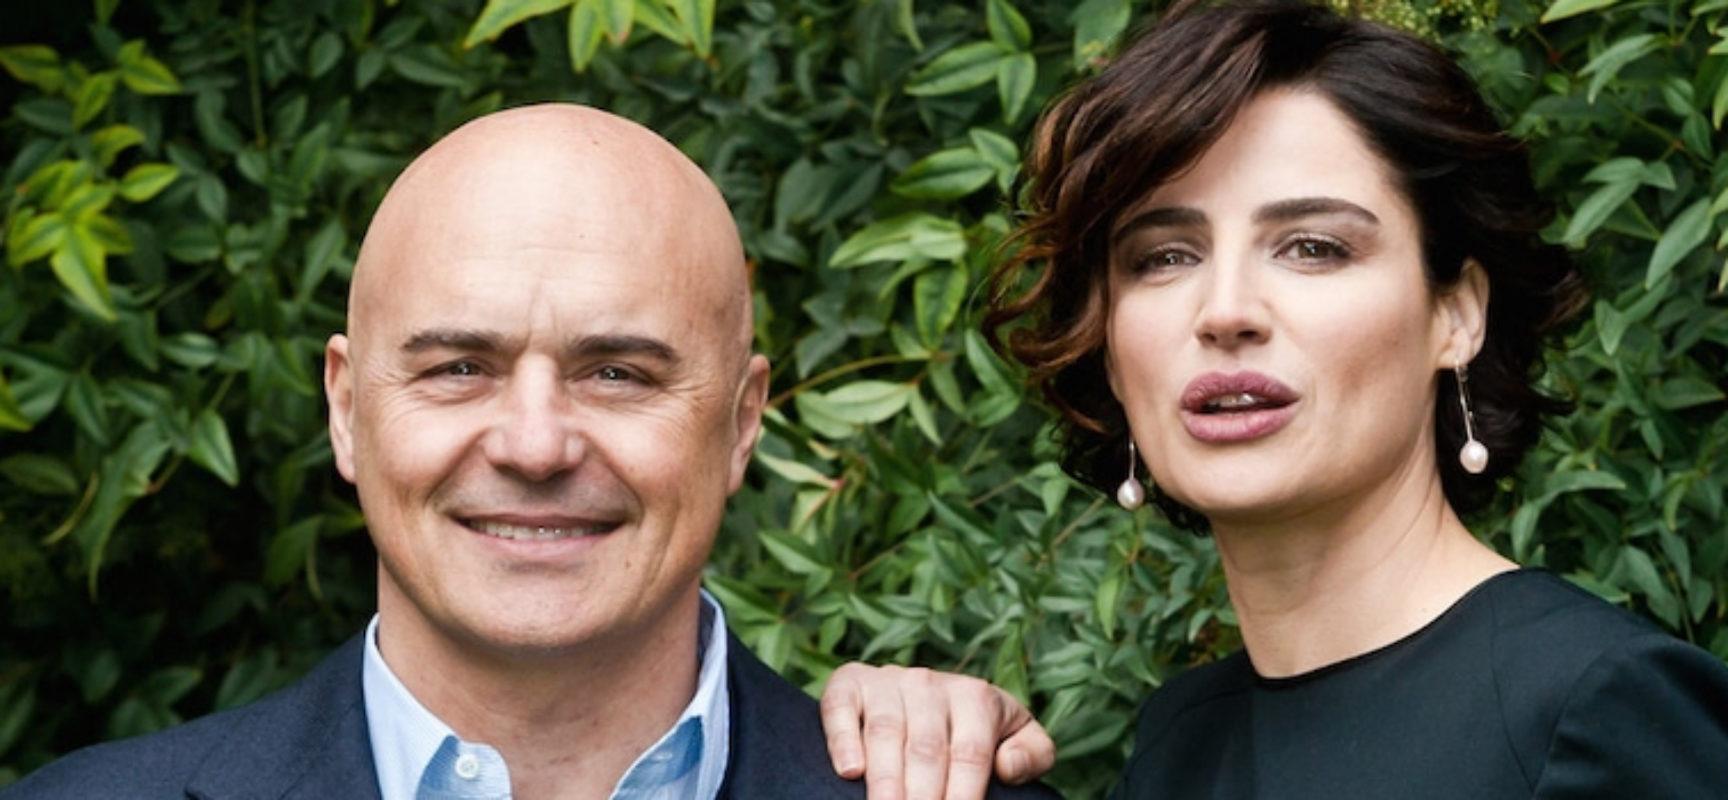 Fiction con Luca Zingaretti, si cercano comparse pugliesi / INVIO CANDIDATURE